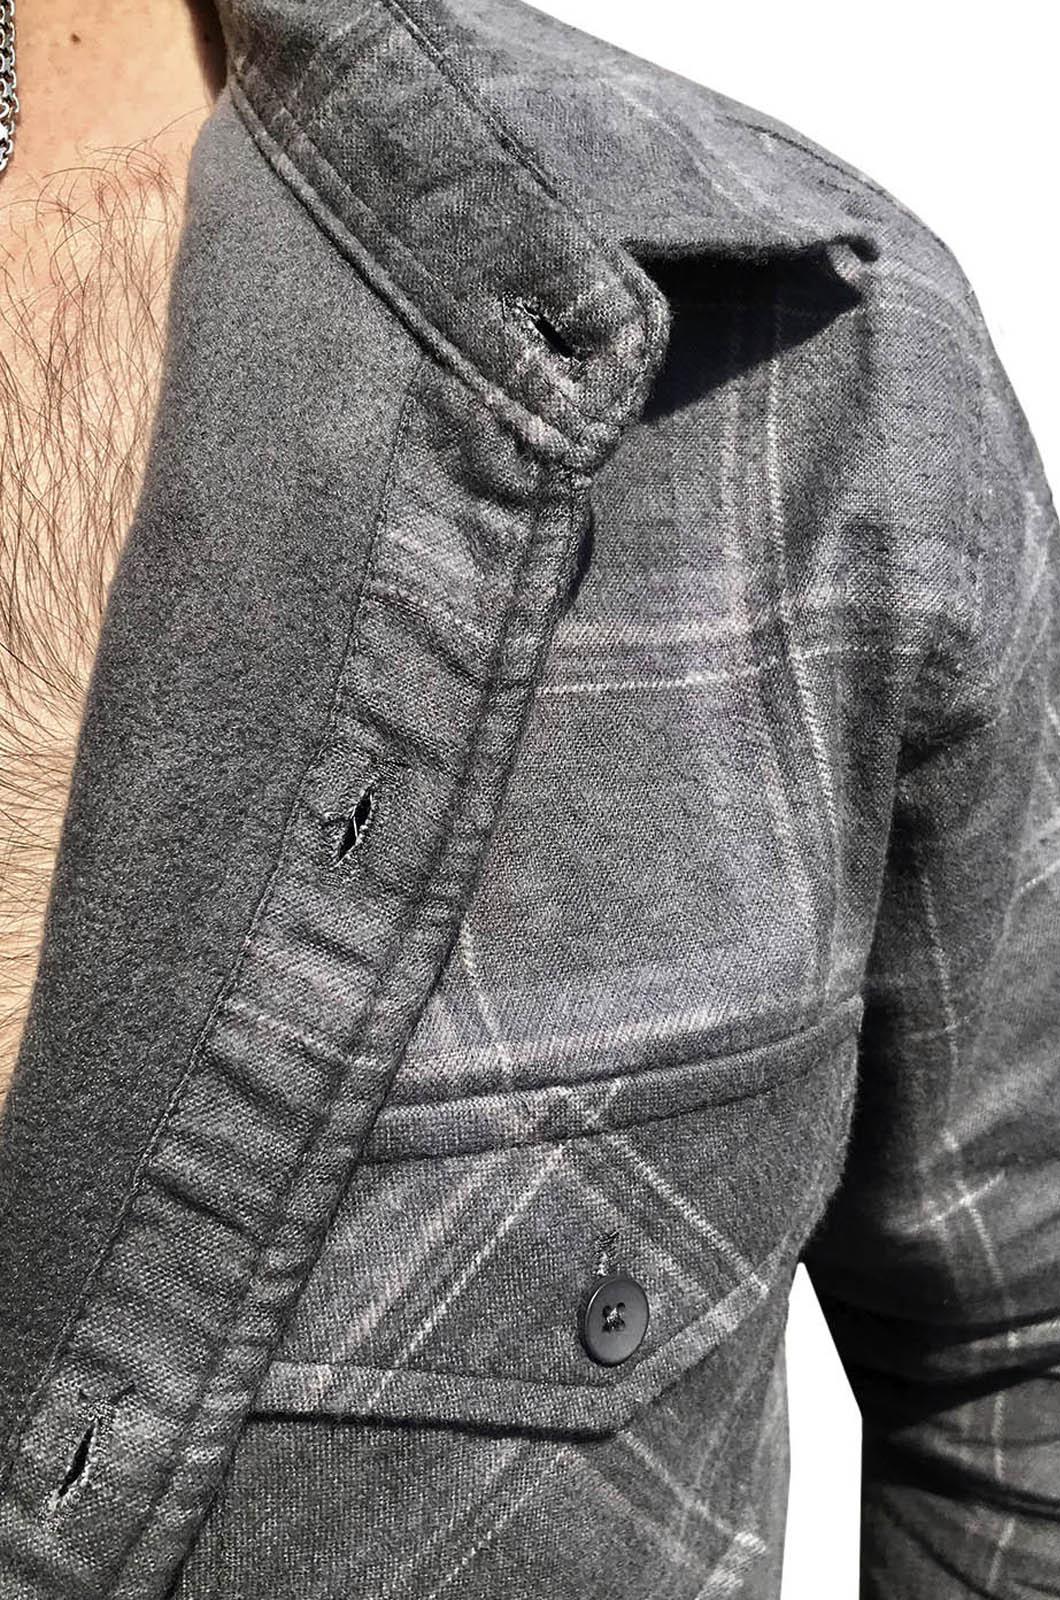 Клетчатая мужская рубашка с вышитым шевроном Автомобильные Войска - купить с доставкой